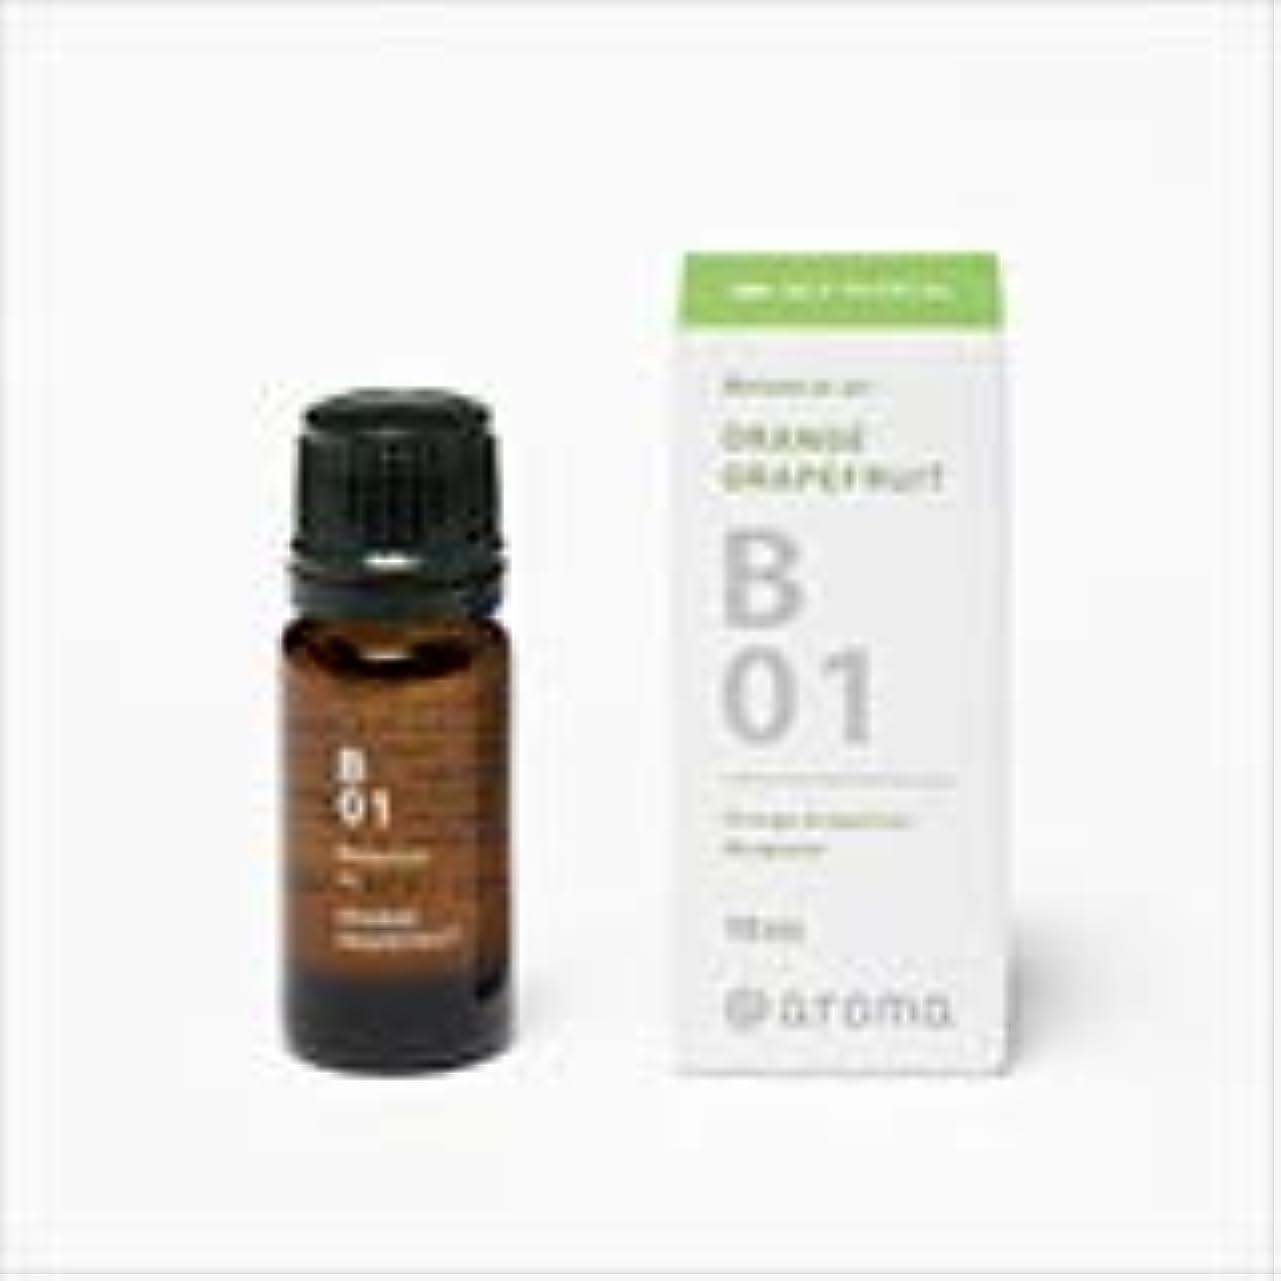 延ばすボスネクタイアットアロマ 100%pure essential oil <Botanical air ジュニパーシダー>